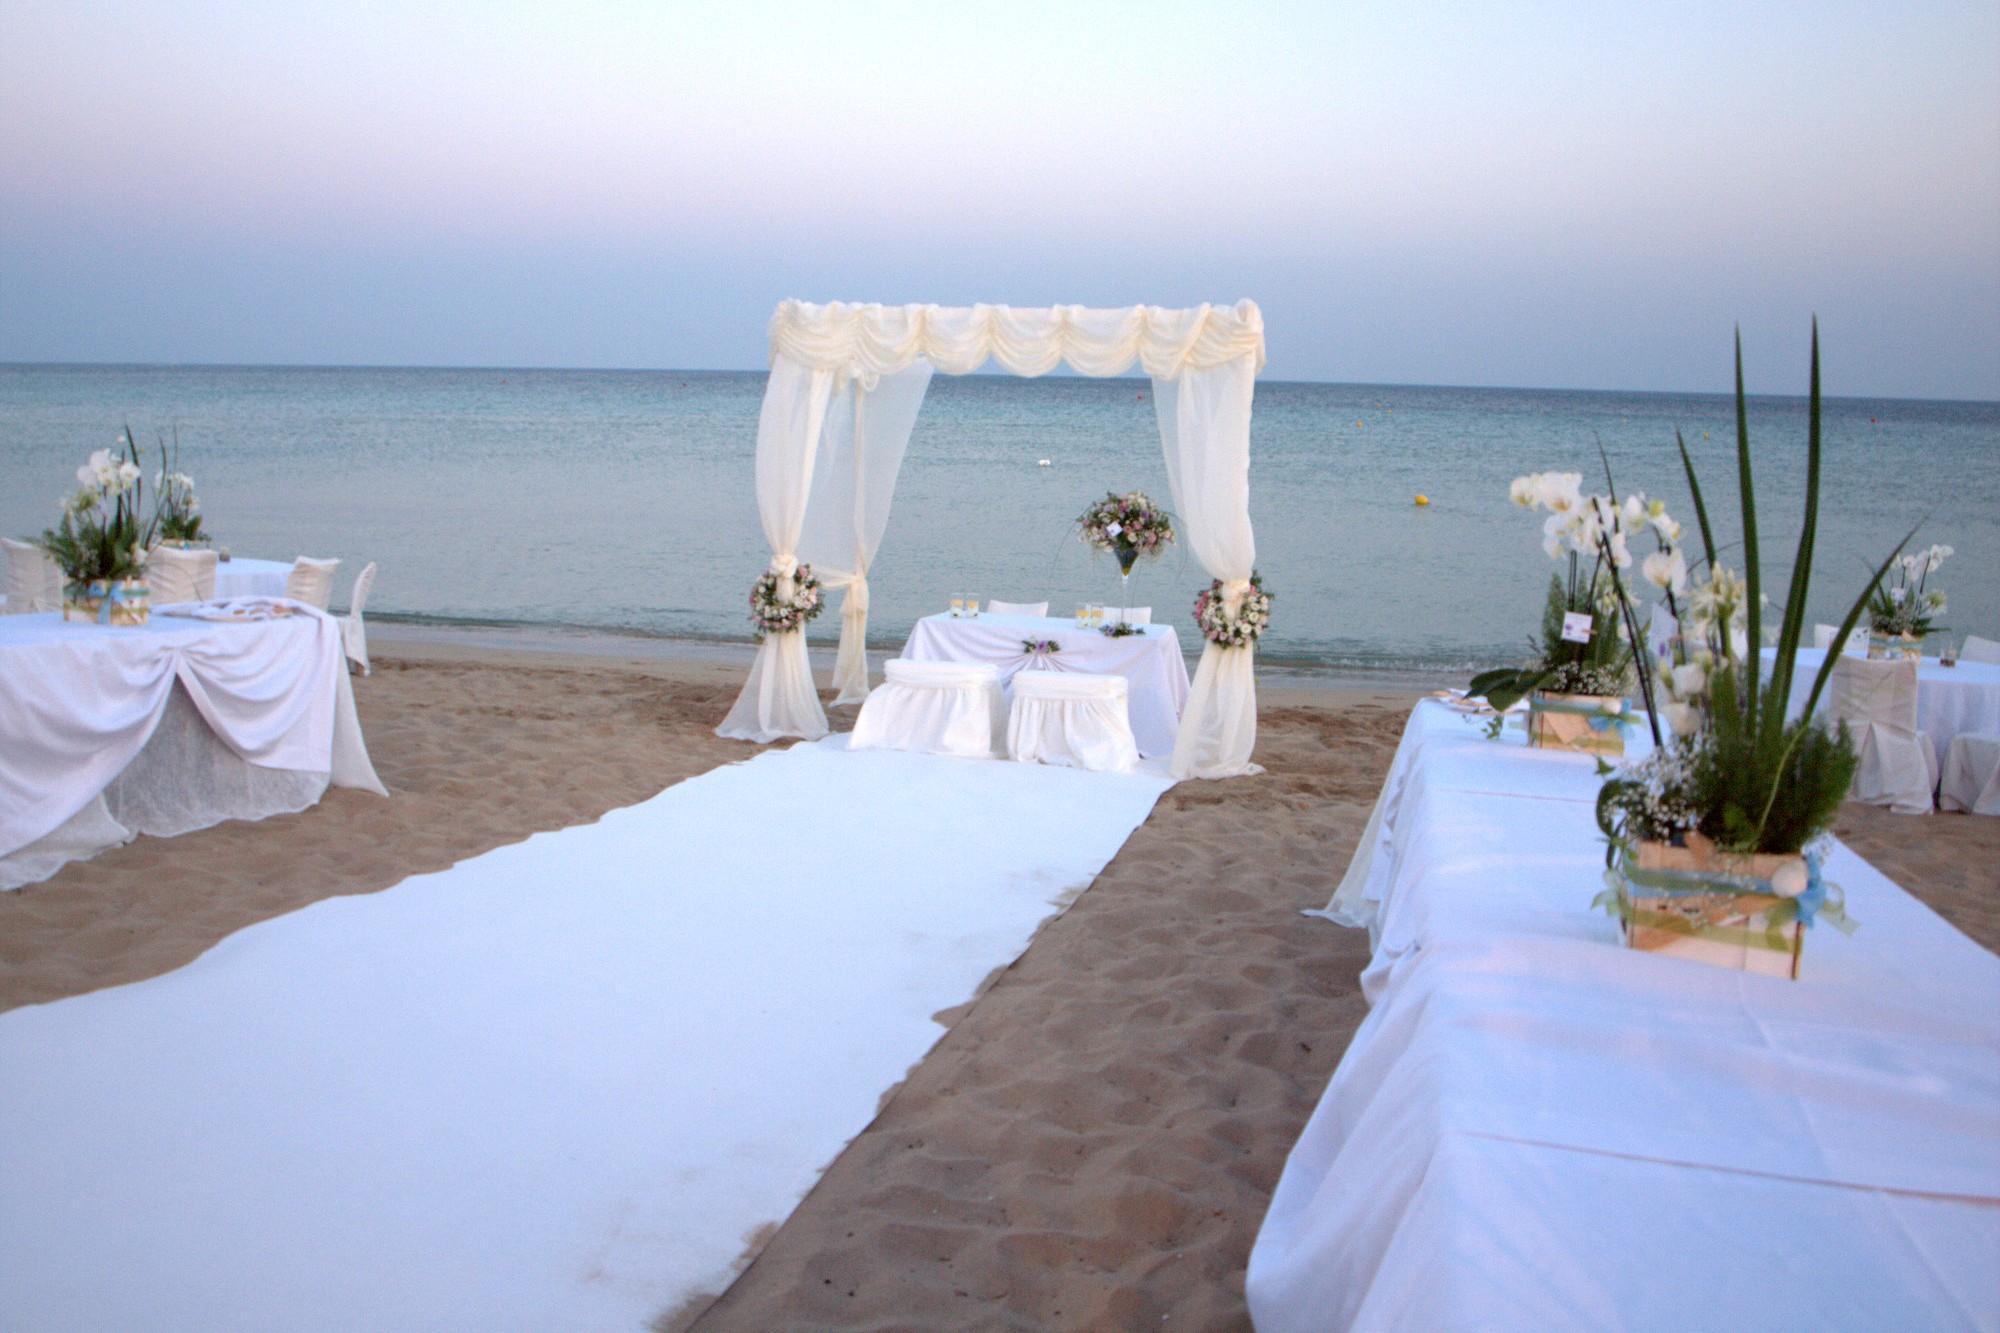 Matrimonio Spiaggia Malta : Matrimoni all aperto anche in italia la rivoluzione